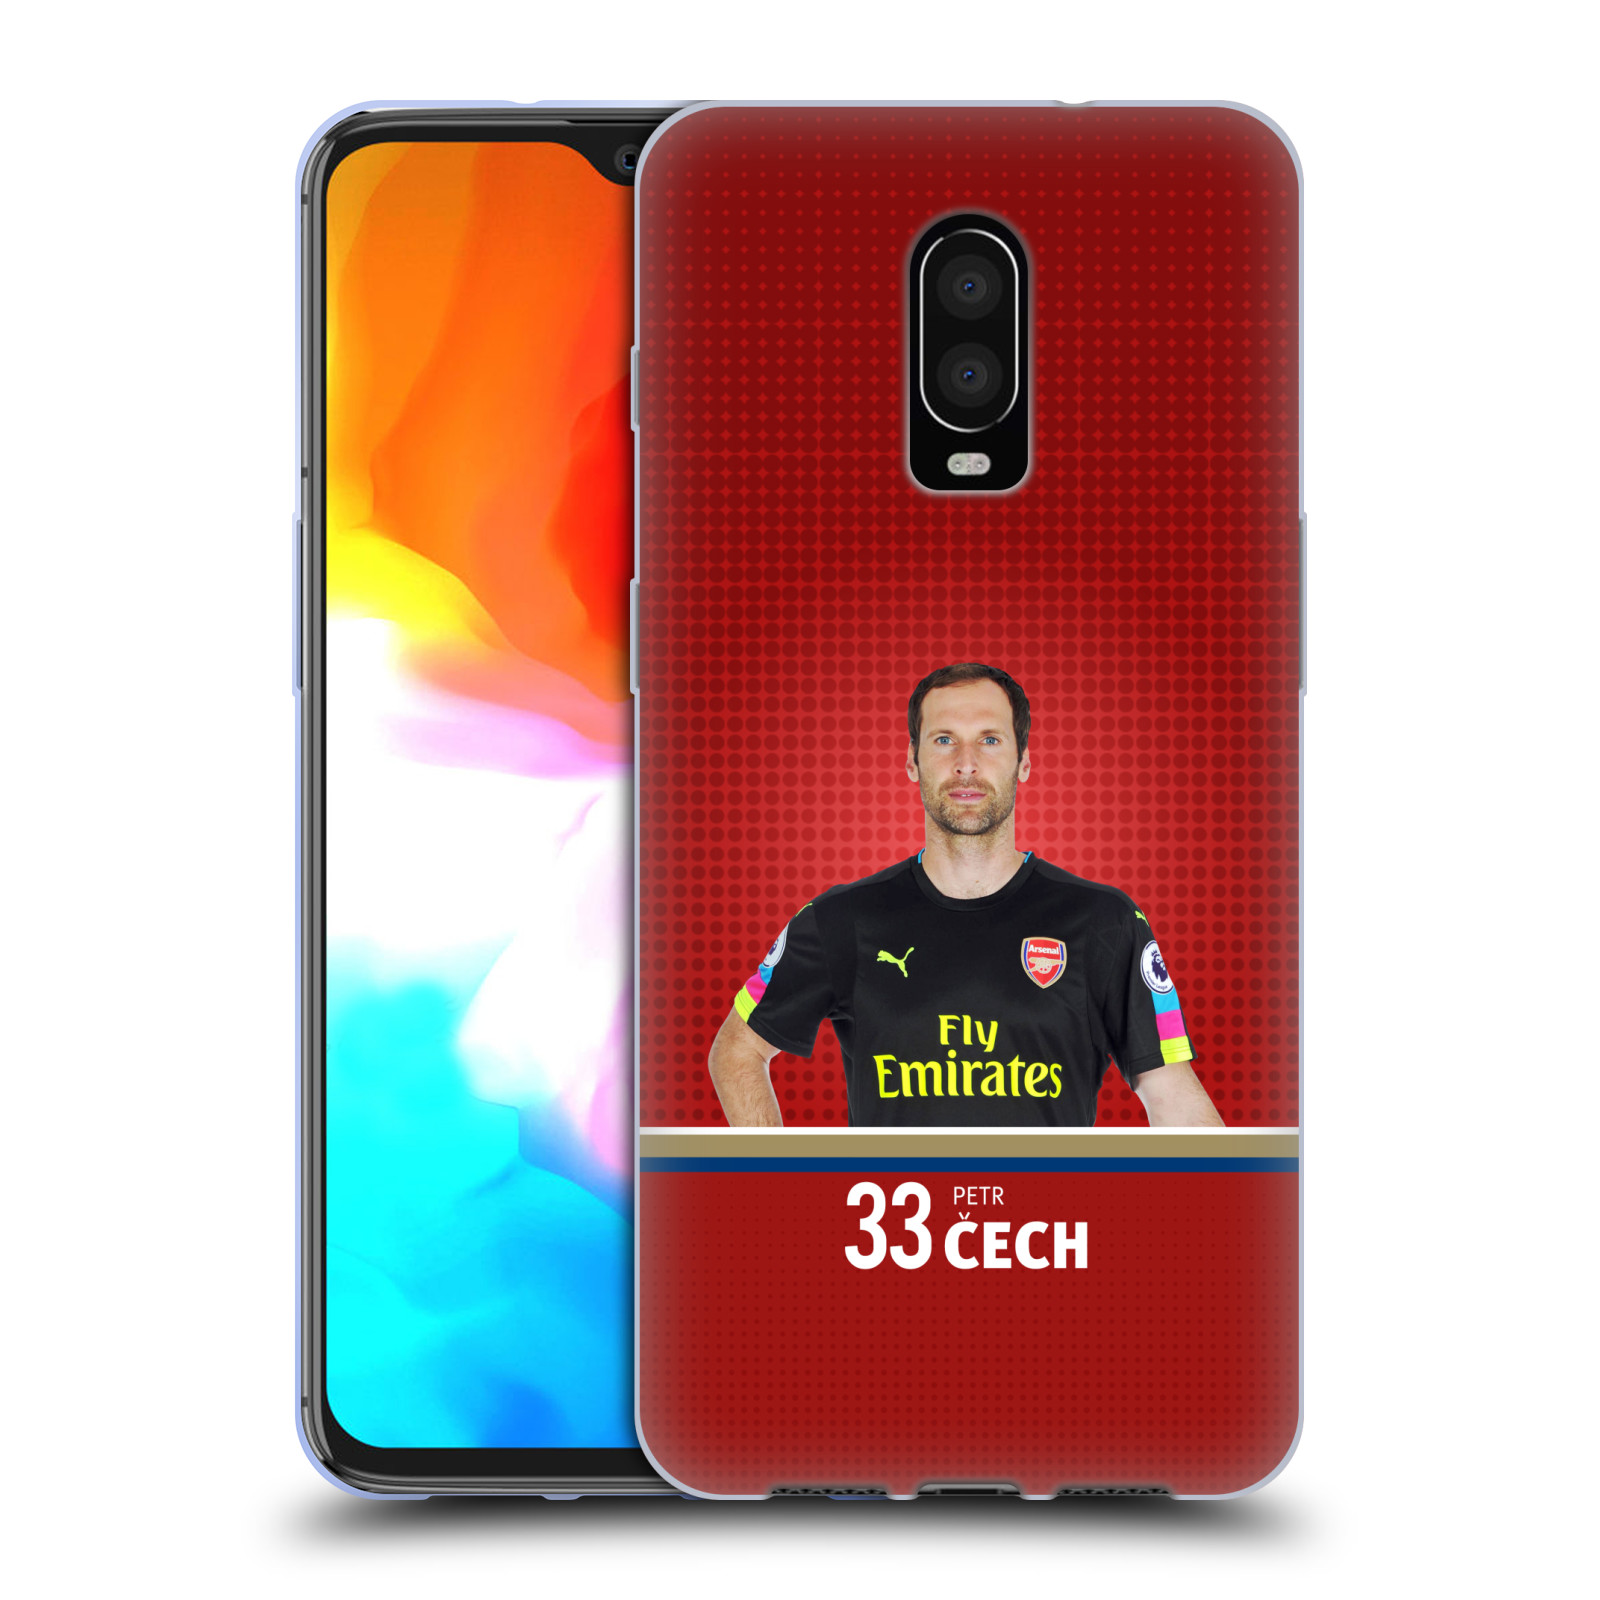 Silikonové pouzdro na mobil OnePlus 6T - Head Case - Arsenal FC - Petr Čech